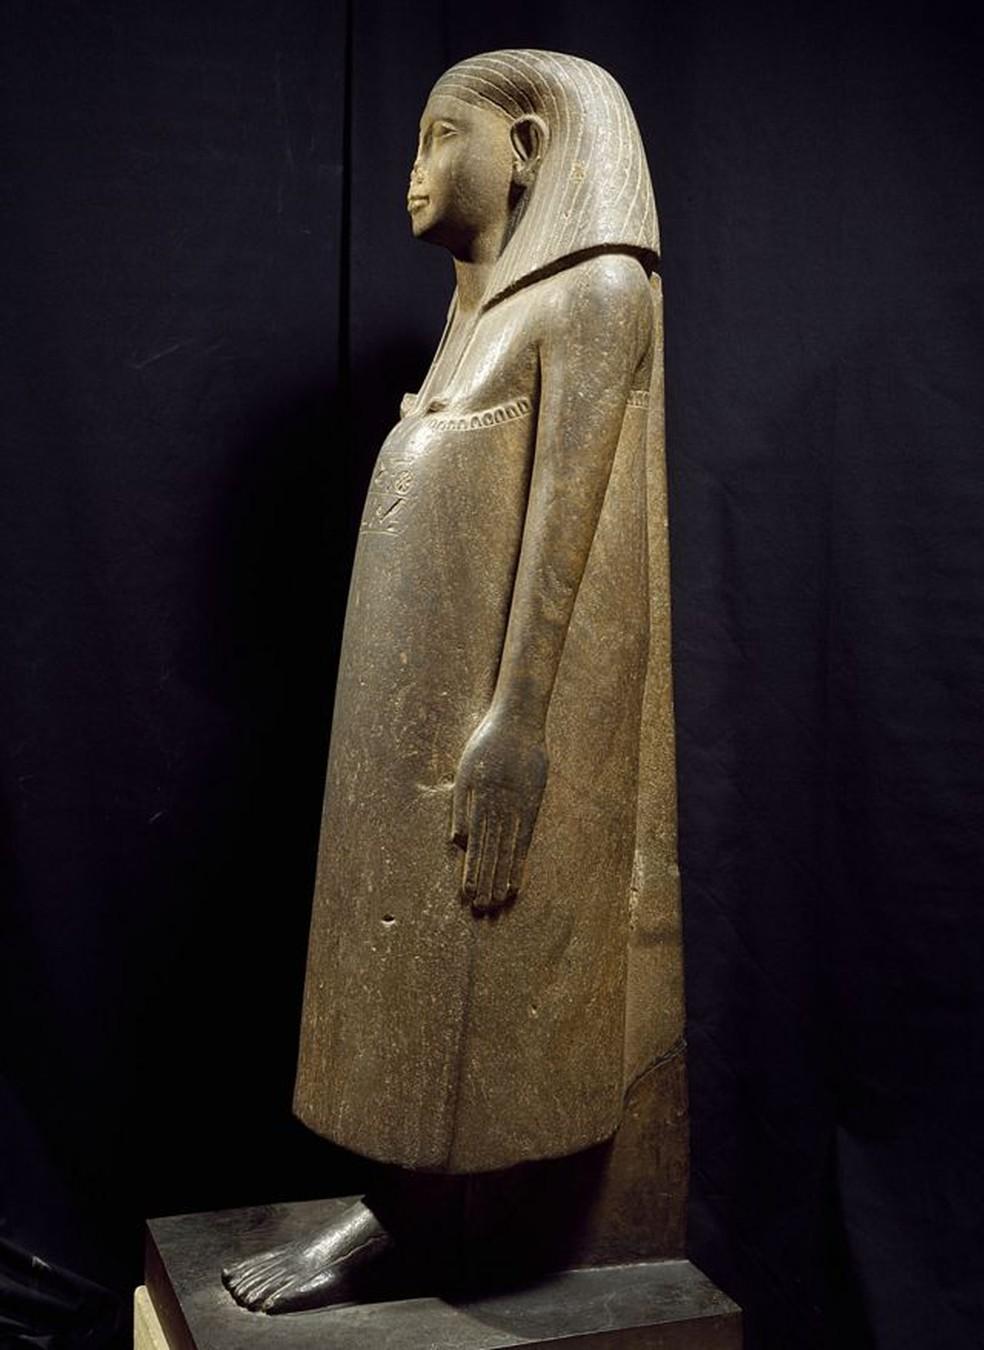 Estátua egípcia: imagem mostra que falta o nariz — Foto: Getty Images/Via BBC